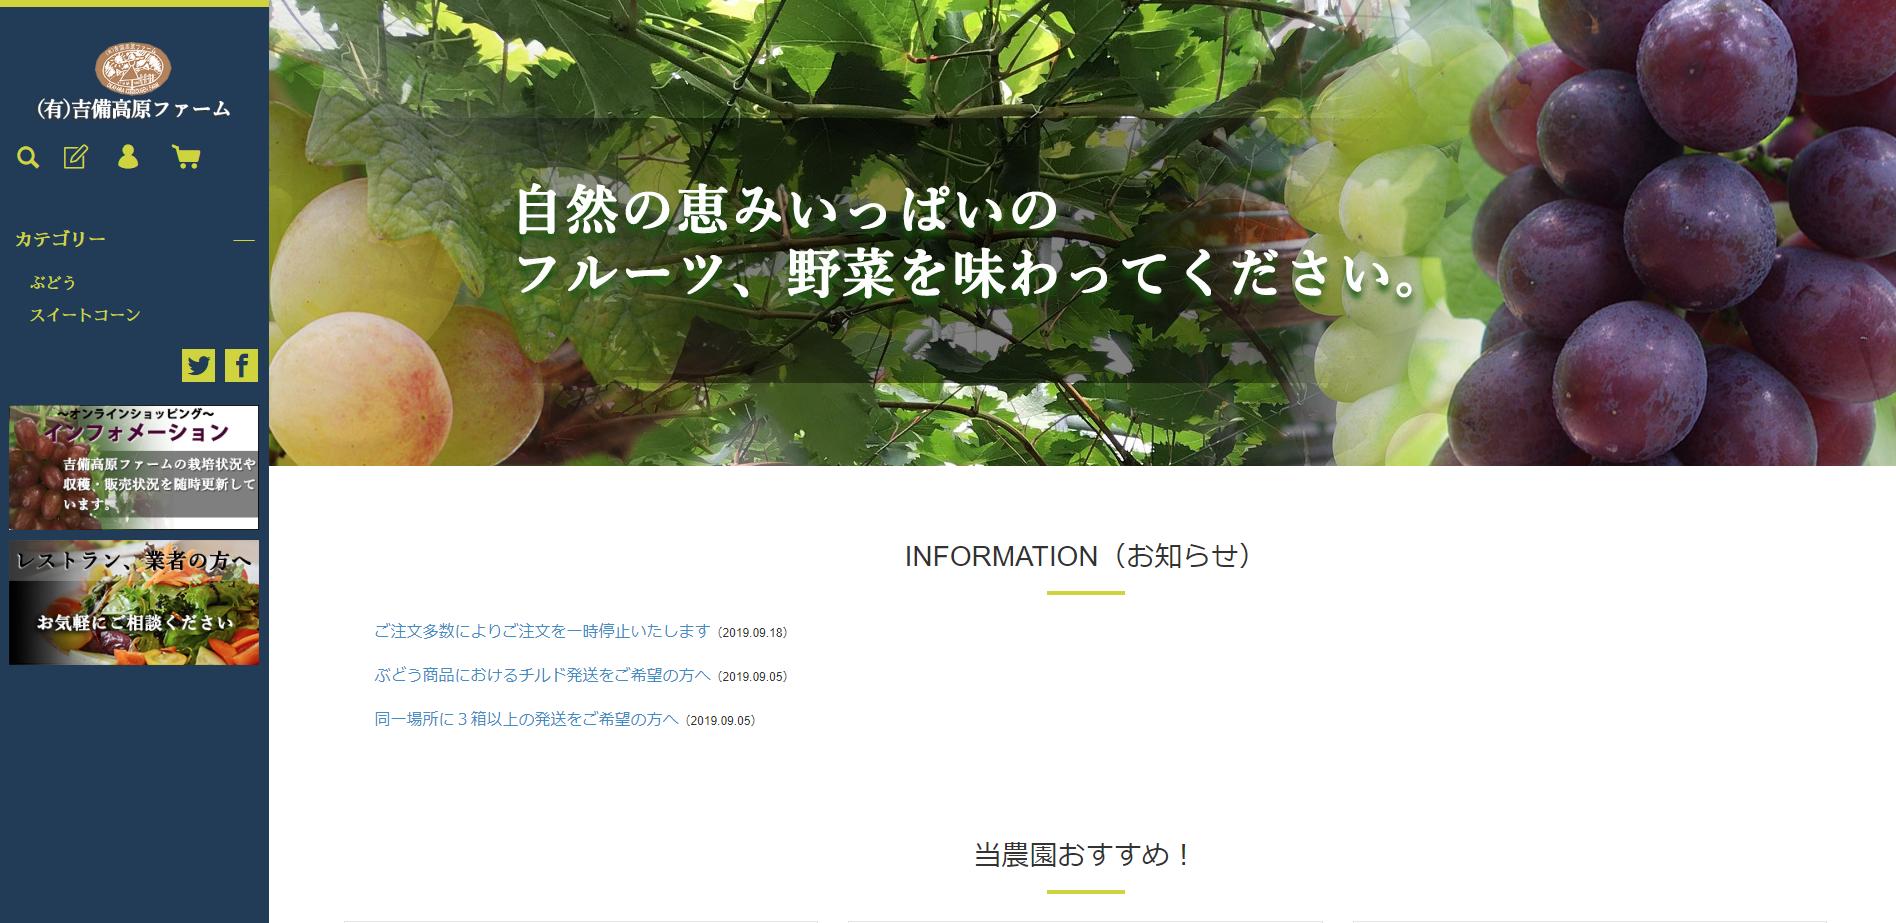 ヤマトフィナンシャル株式会社のらくうるカートで制作した、(有)吉備高原ファーム様の通販サイト